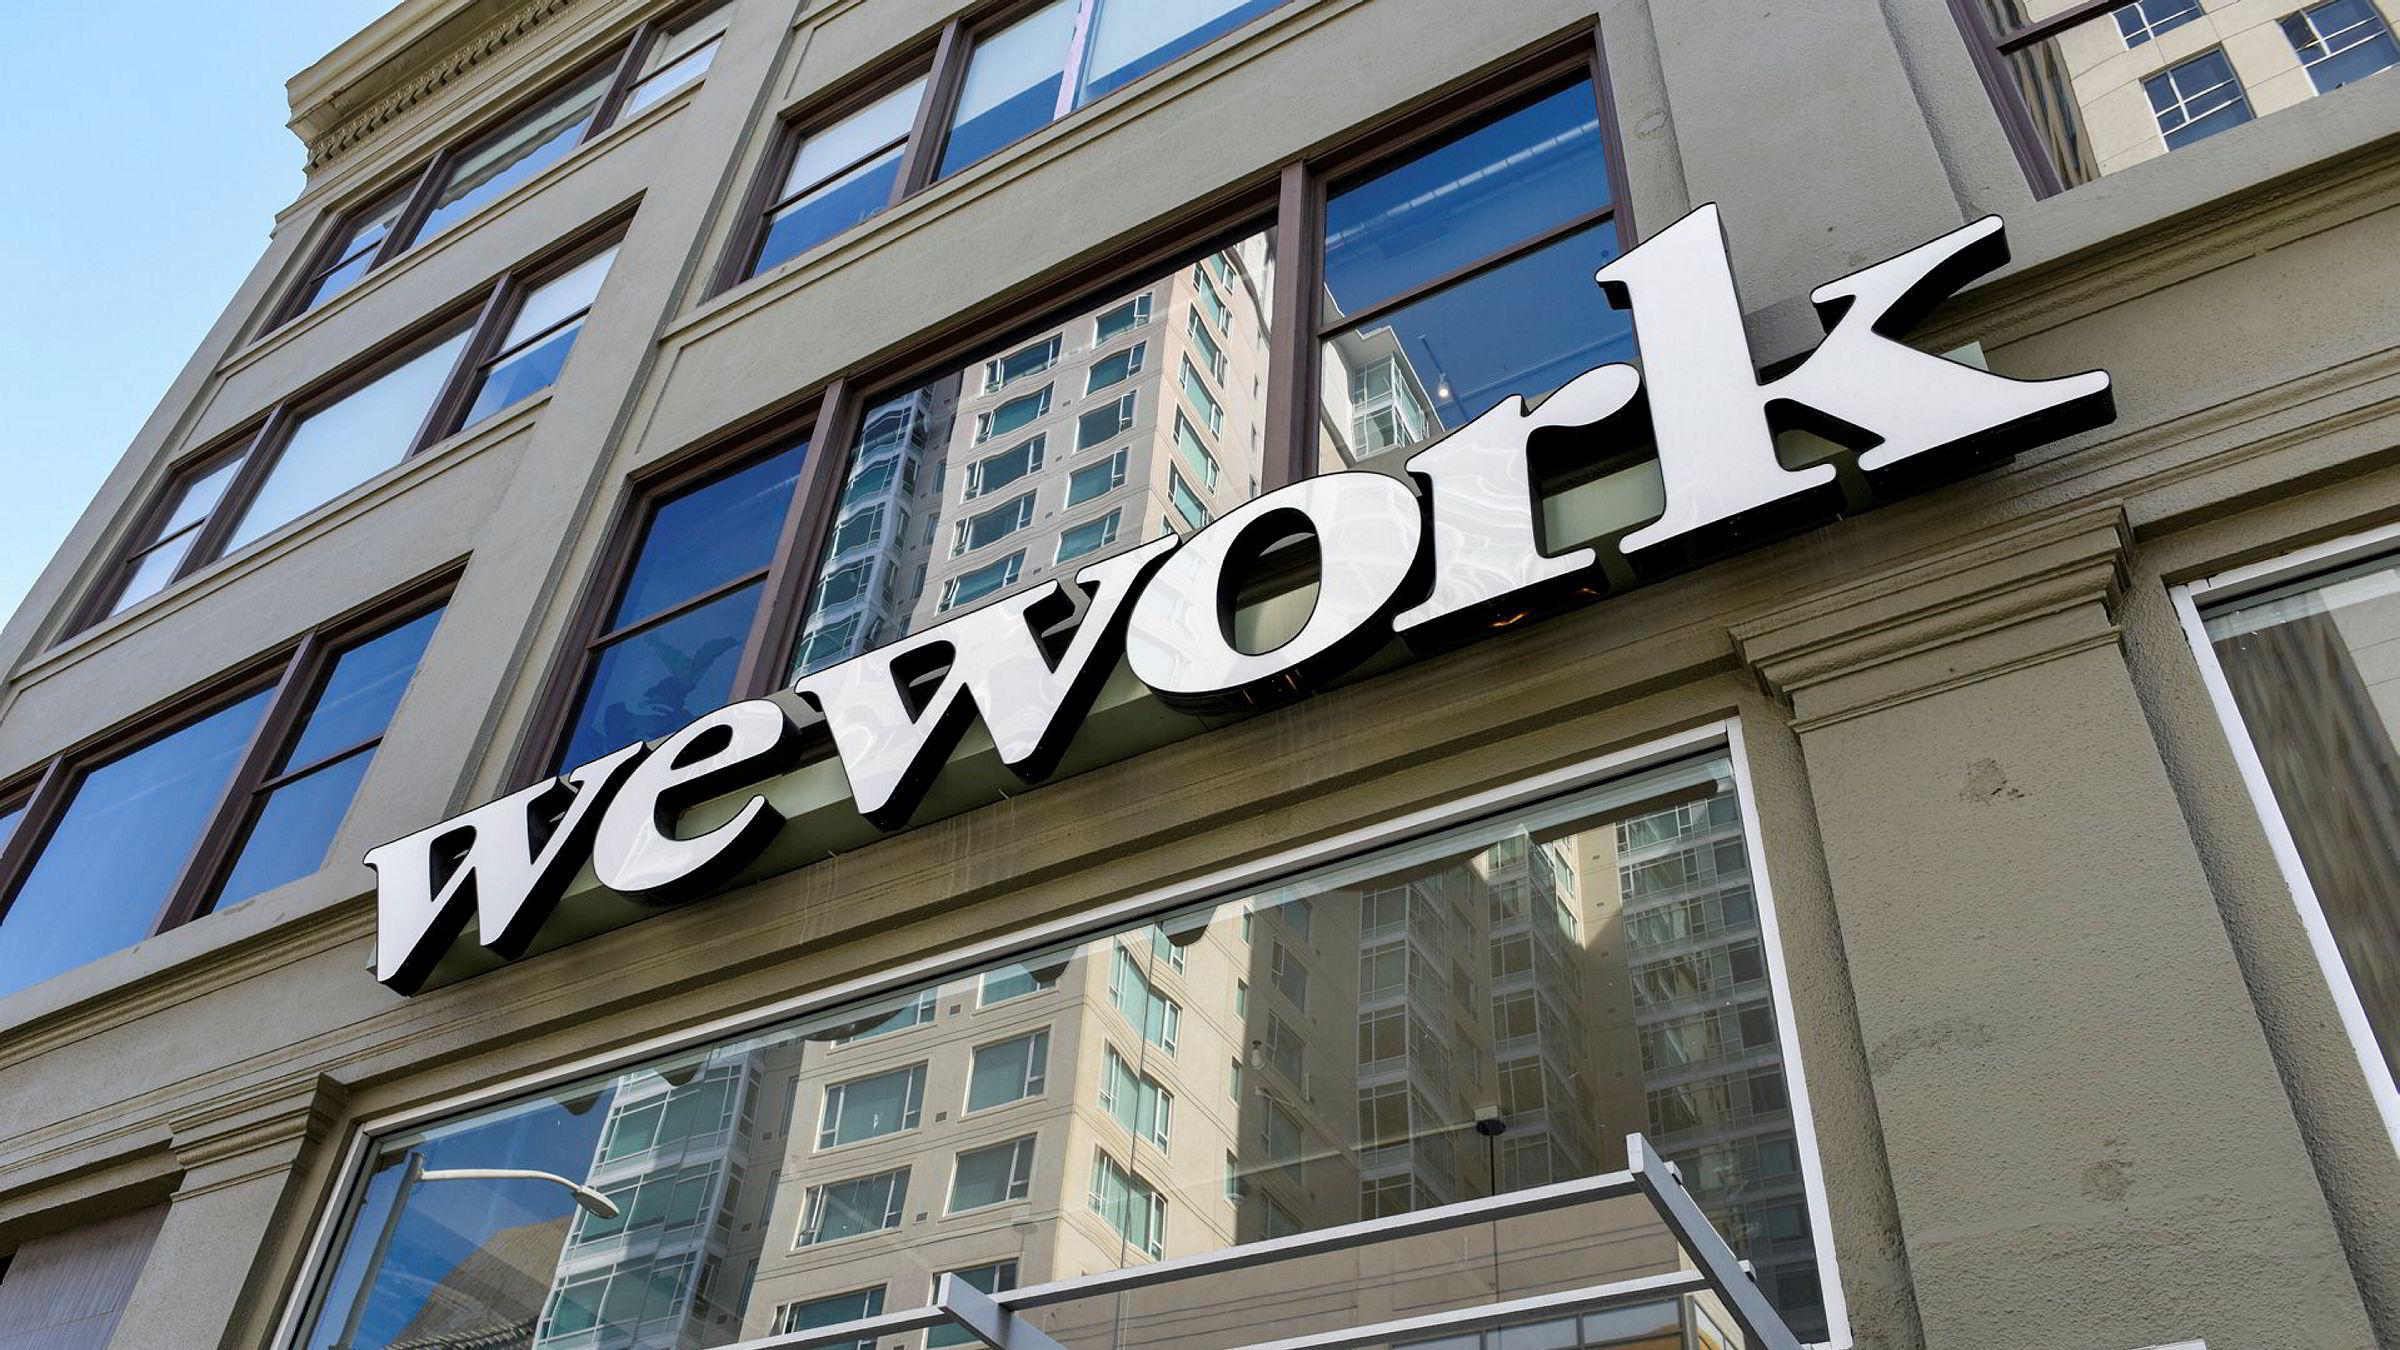 Kuttene i WeWork skal bli annonsert tidlig denne uken, og er en del av en større kuttpakke for å redde selskapet.